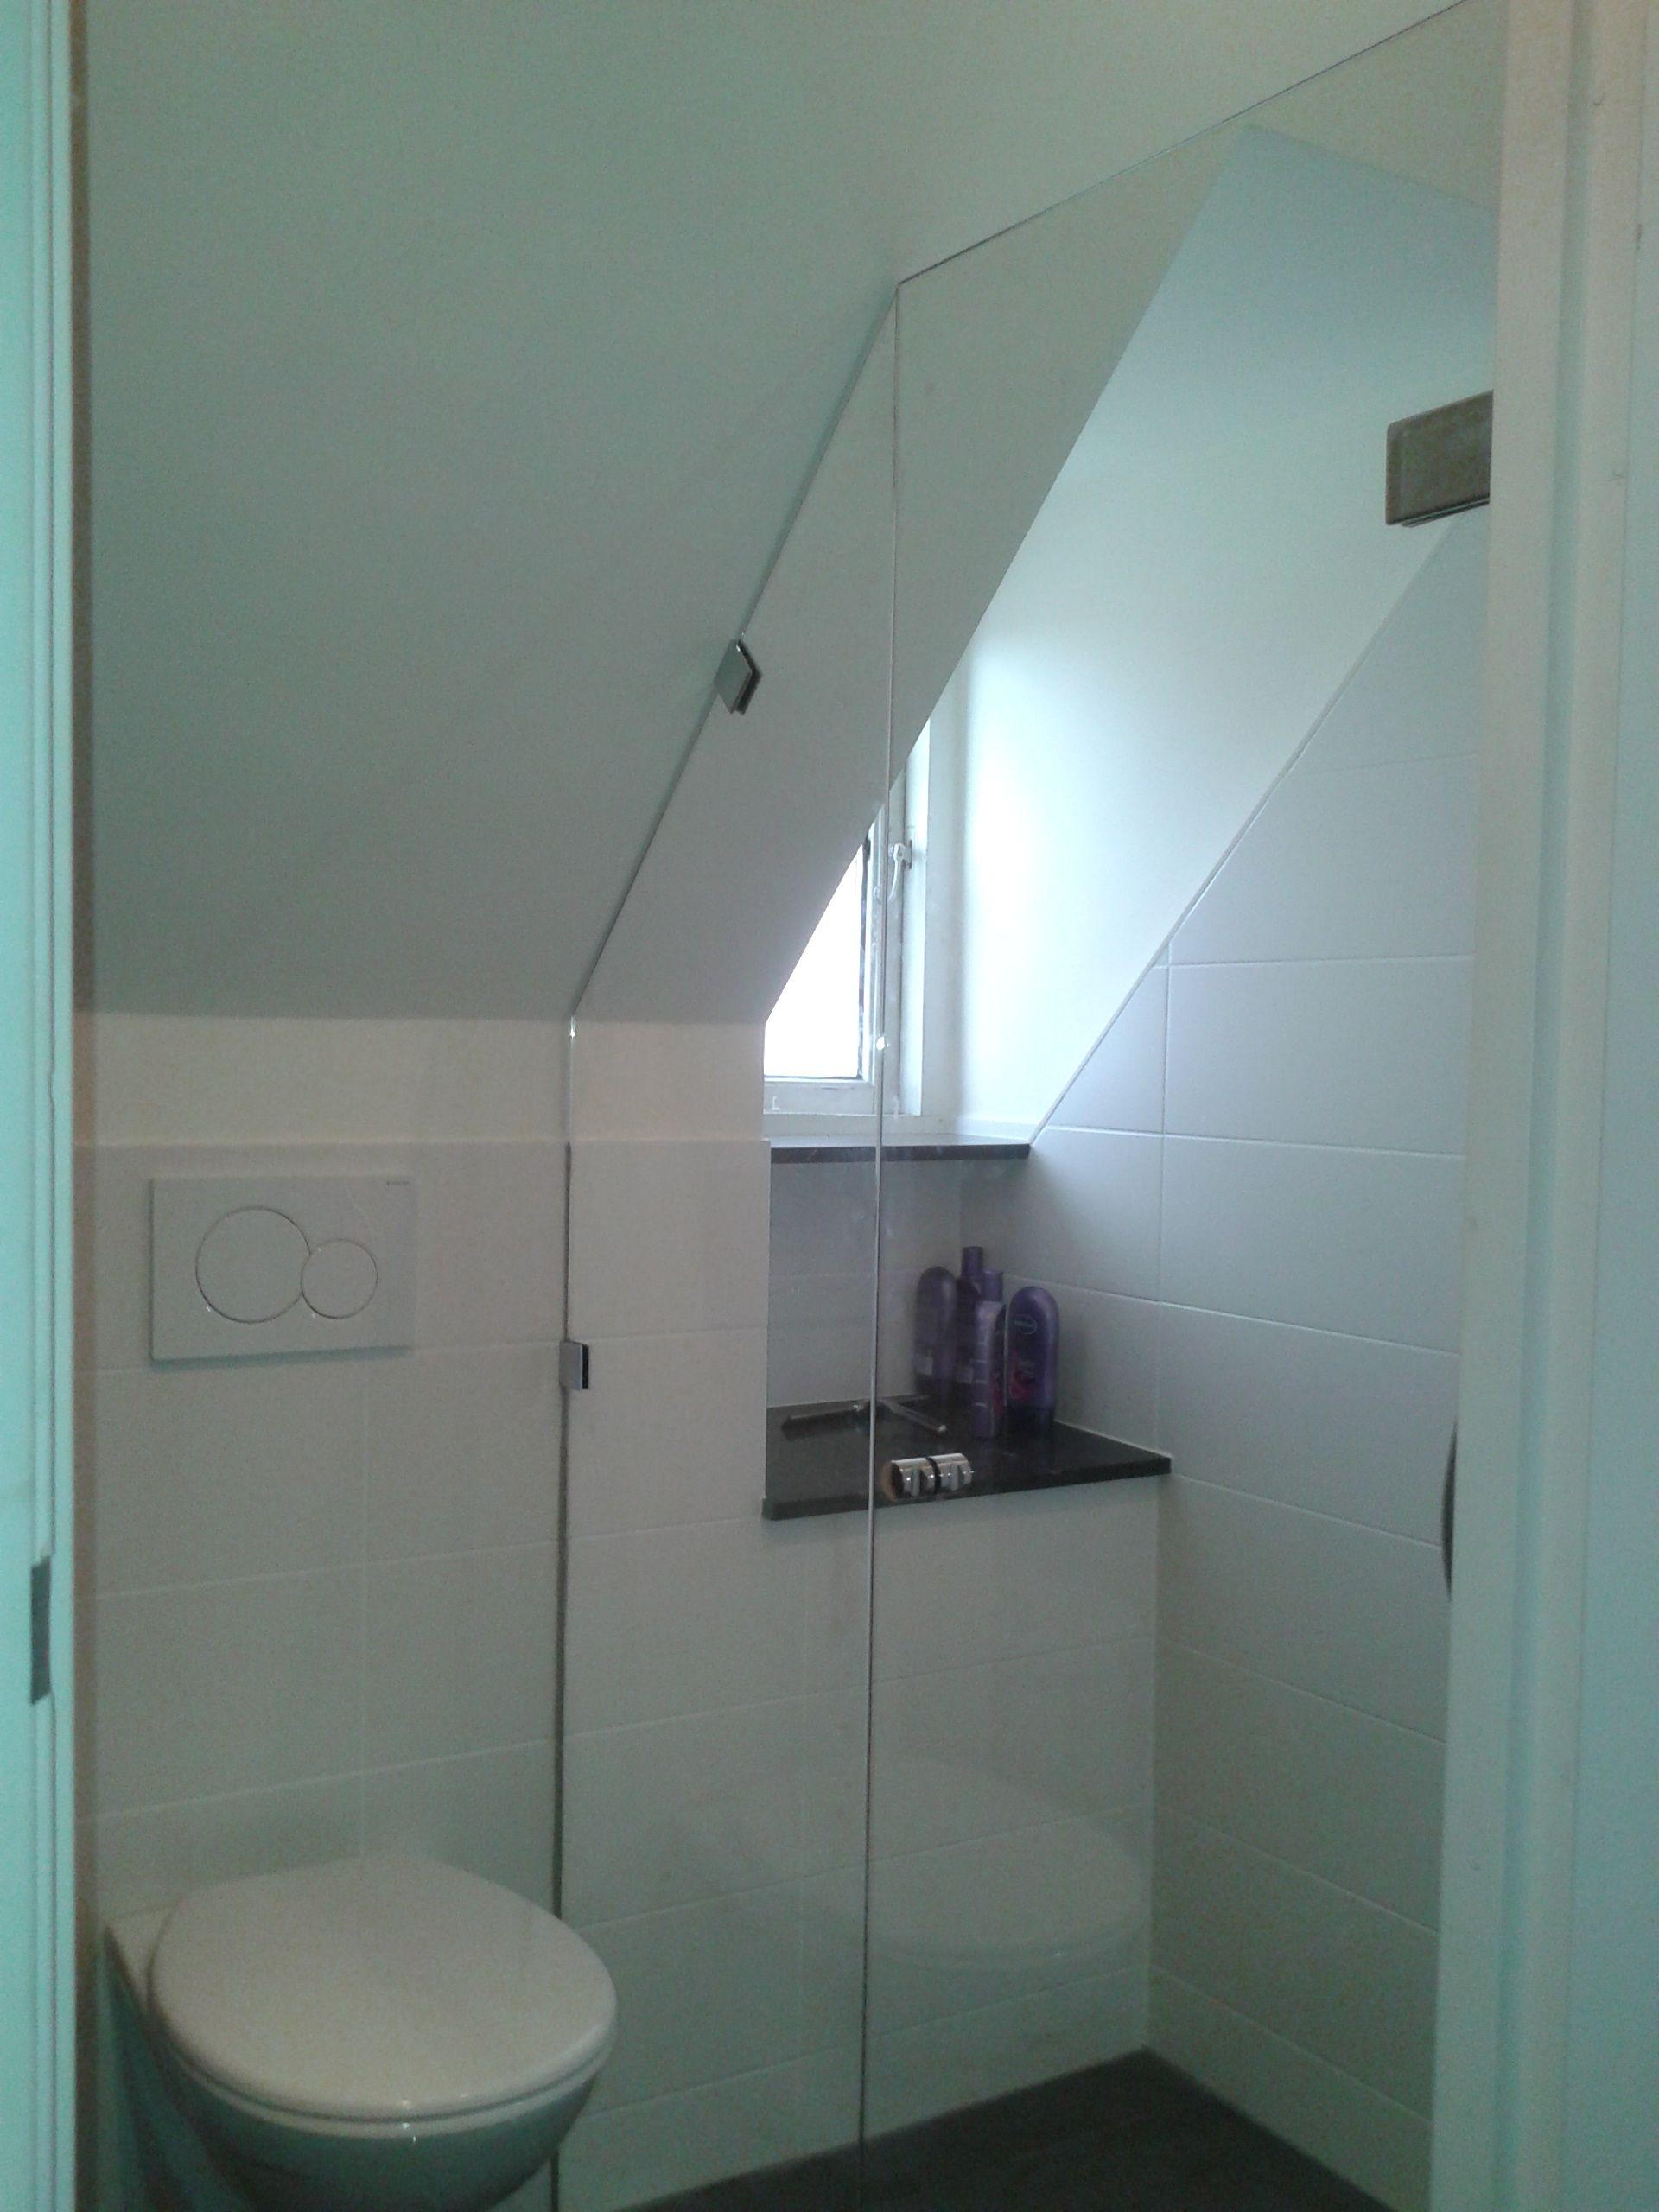 Badkamer op zolder - Staghouwer | Zolder | Pinterest | Small bathroom